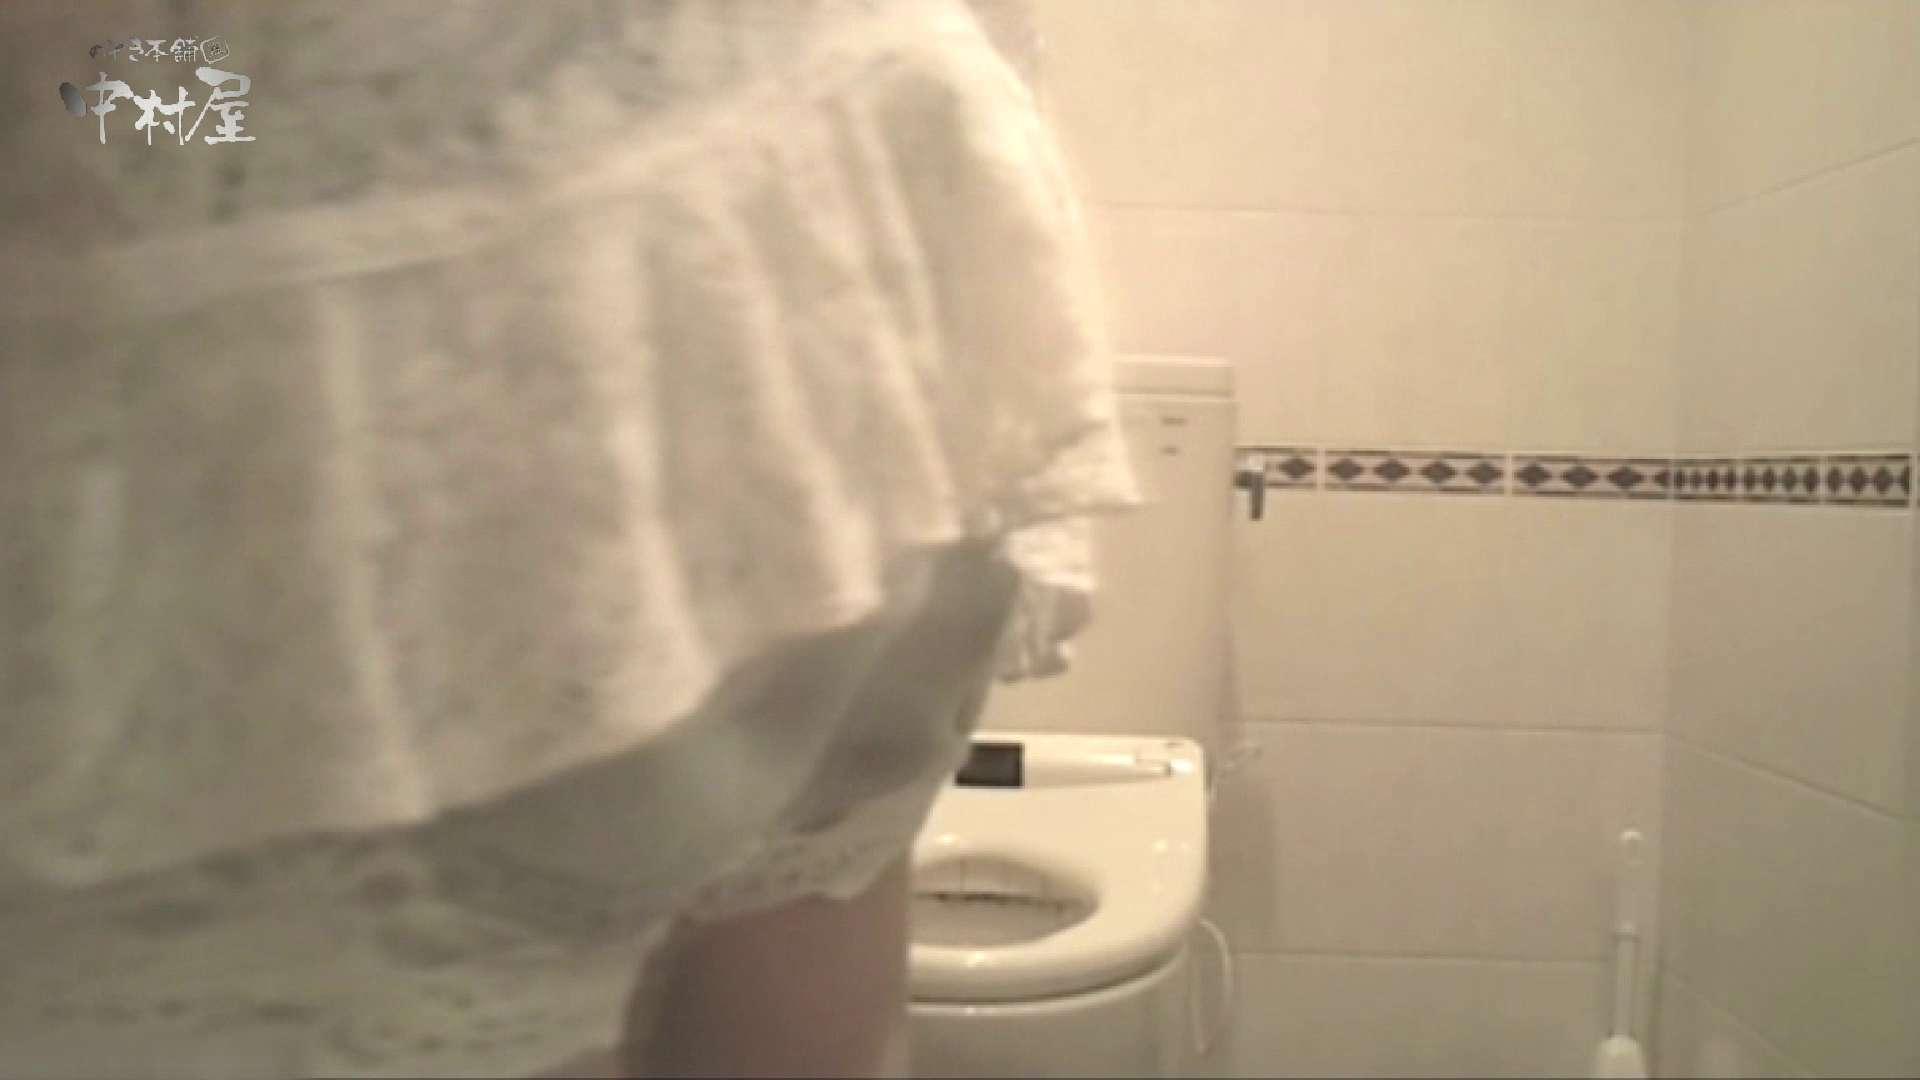 ティーンガールのトイレ覗き‼vol.19 女子大生のエロ動画 オメコ無修正動画無料 111PIX 88